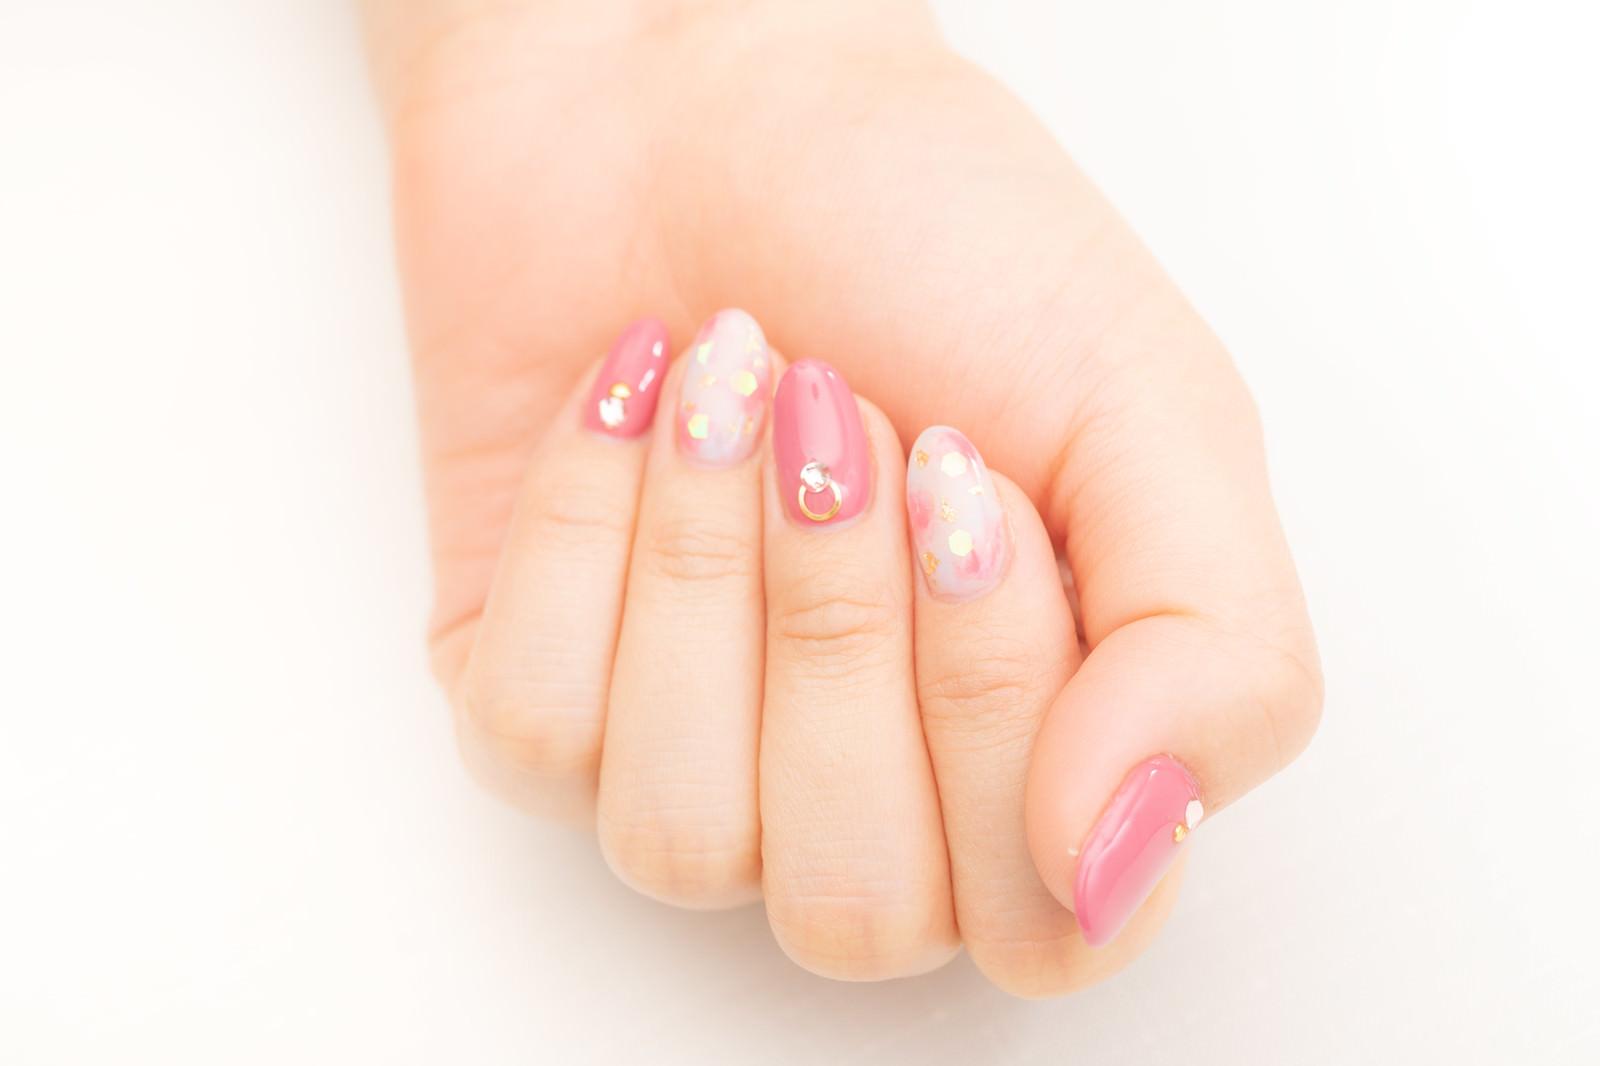 「ピンクのネイルデザイン」の写真